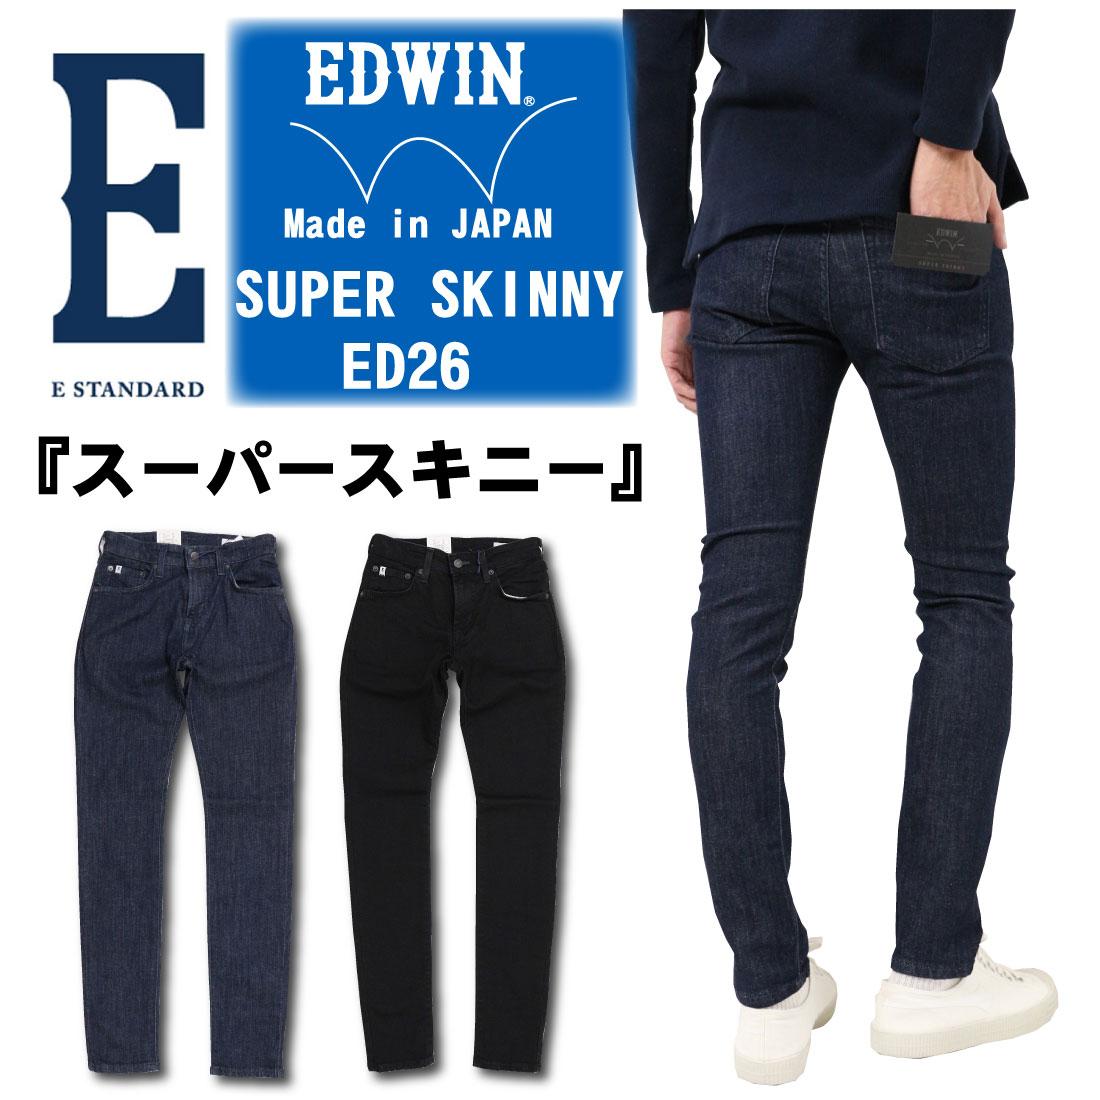 EDWIN エドウィン ED26 スキニー スーパー タイト ストレッチ ジーンズ デニム カラー パンツ 300/375 ブラック メンズ ボトムス エドウイン